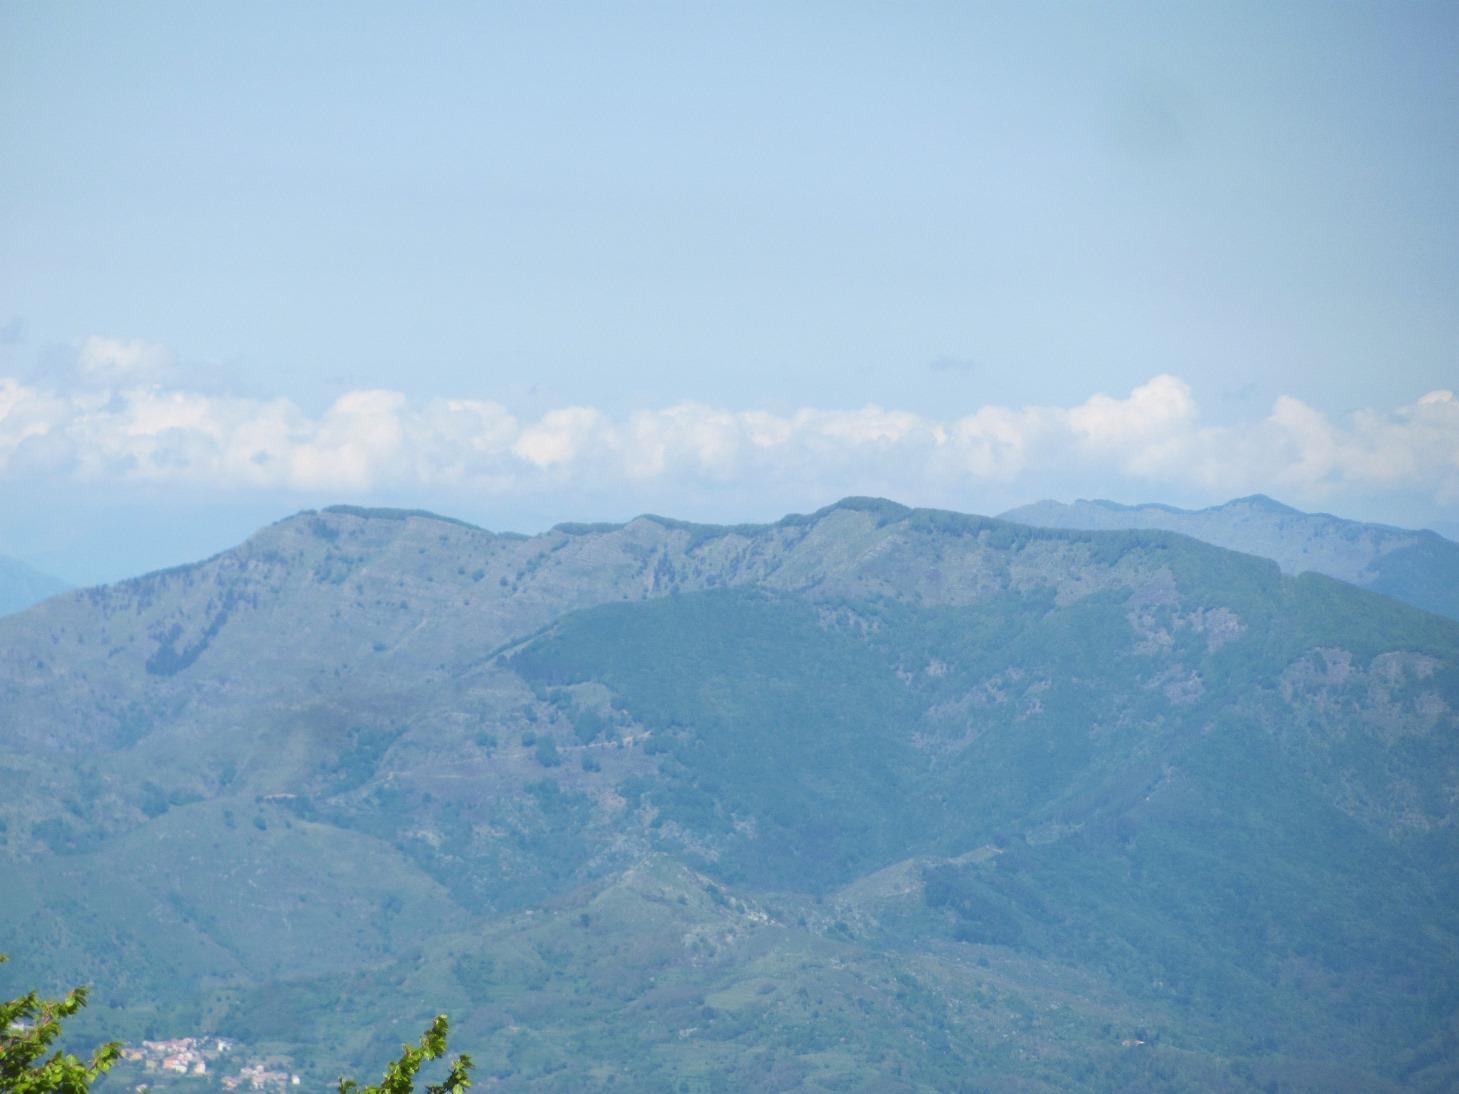 Monti Zatta e Ramaceto dalla cima del Gottero